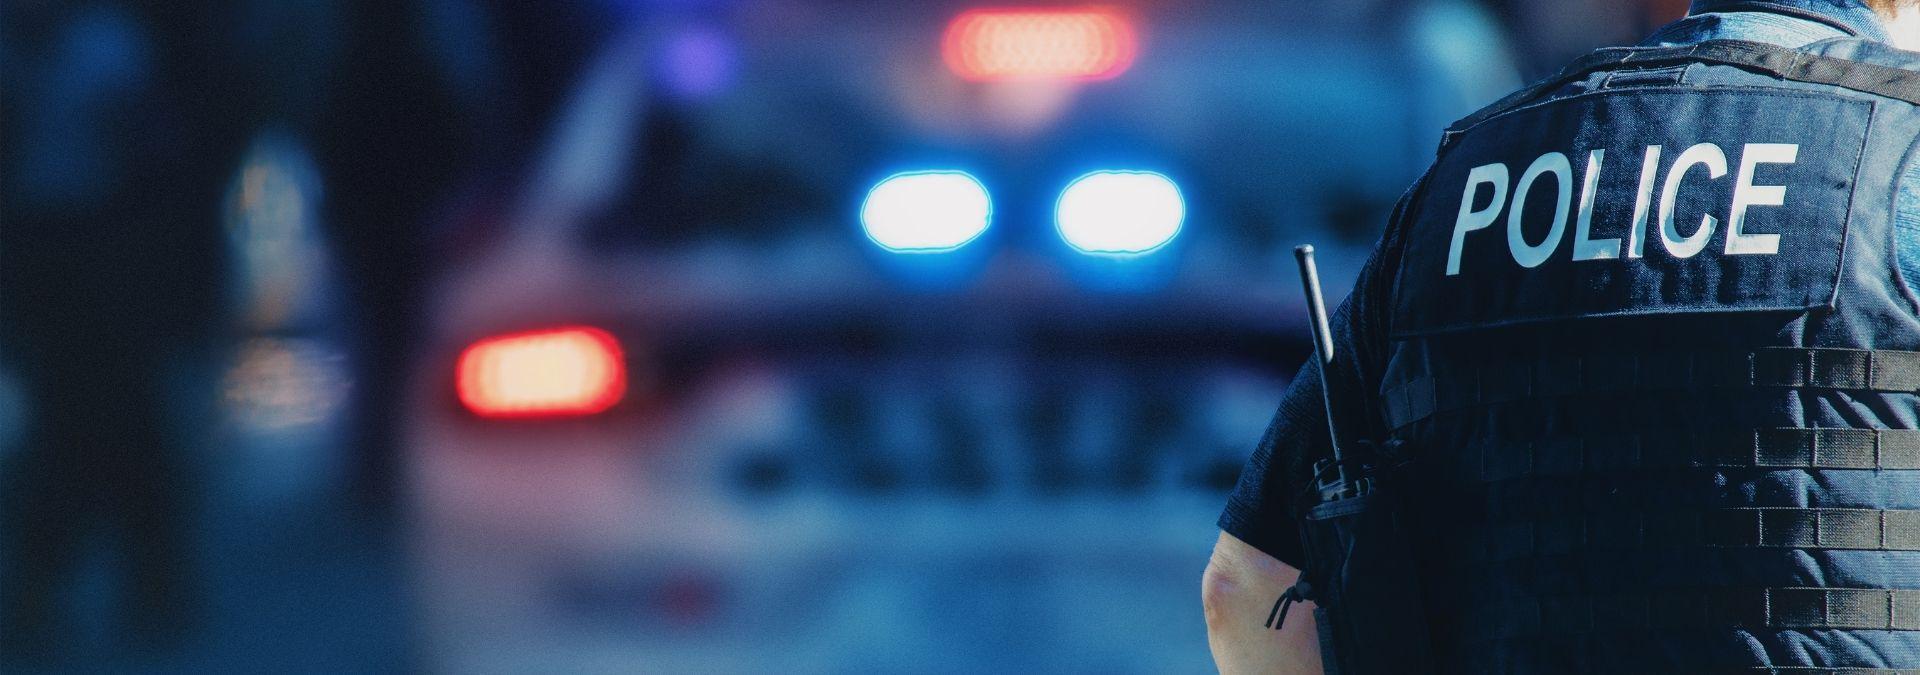 Criminal Justice-Law Enforcement